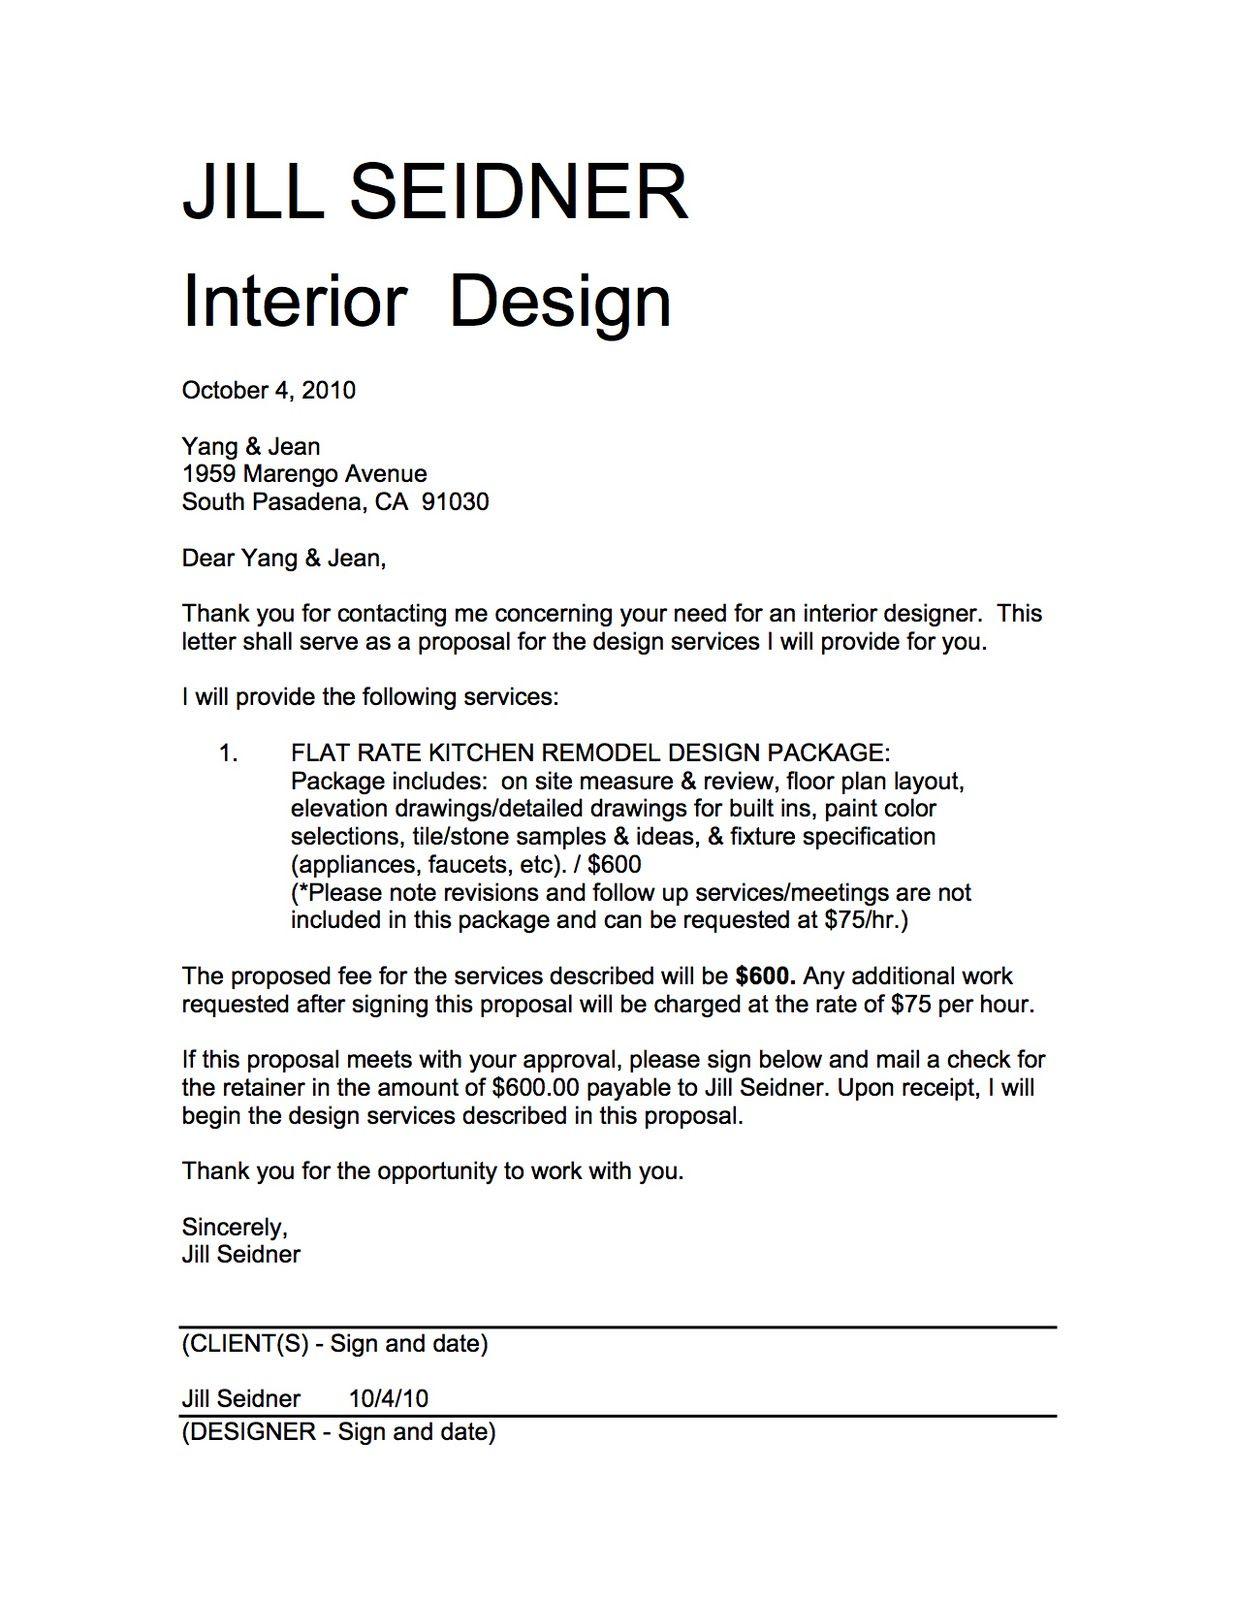 Online Design Interior Design Business Plan Interior Design Consultation